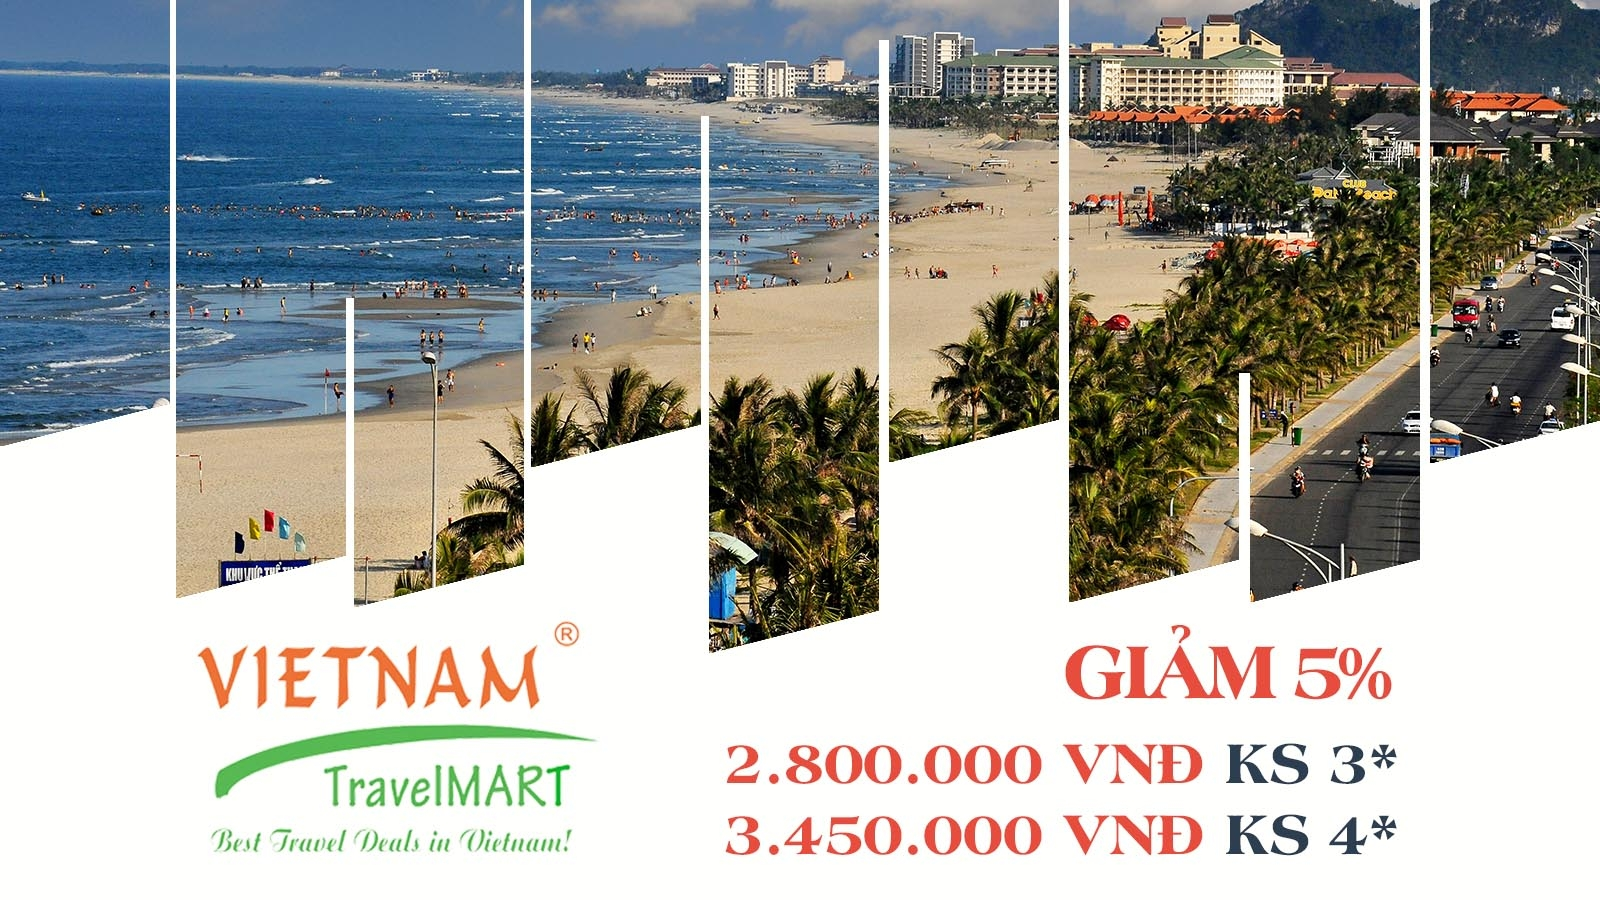 Vietnam TravelMART JSC | Giảm 5% Tour Thiên Đường Miền Trung 4N3Đ 1